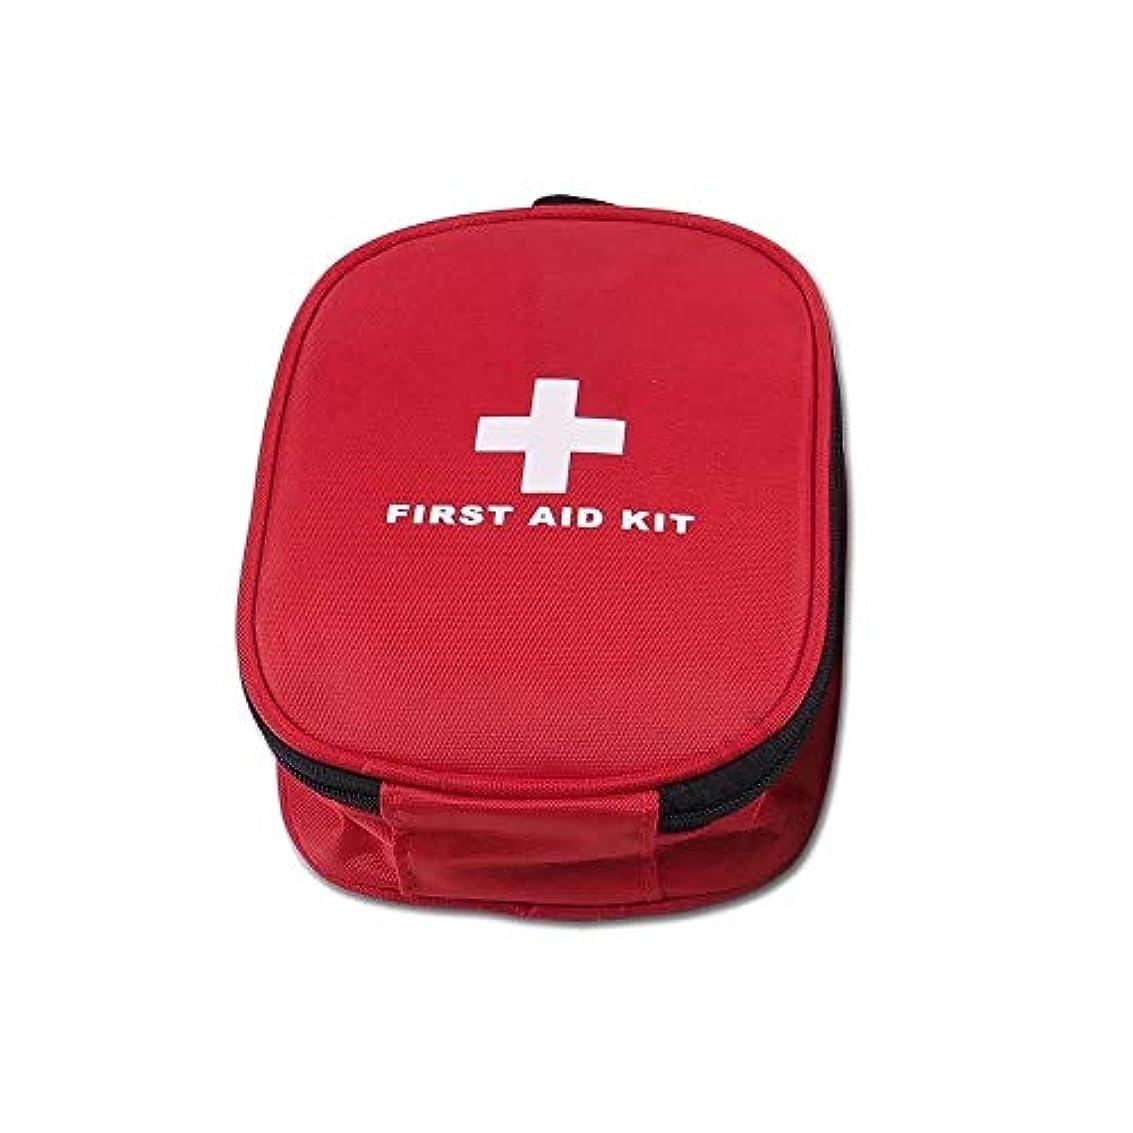 誘惑お手伝いさん効能ある家族、車、旅行、キャンプ、職場、サバイバル、アウトドア用の応急処置キット - サバイバルホイッスル、手袋、はさみ用のミニ応急処置キット